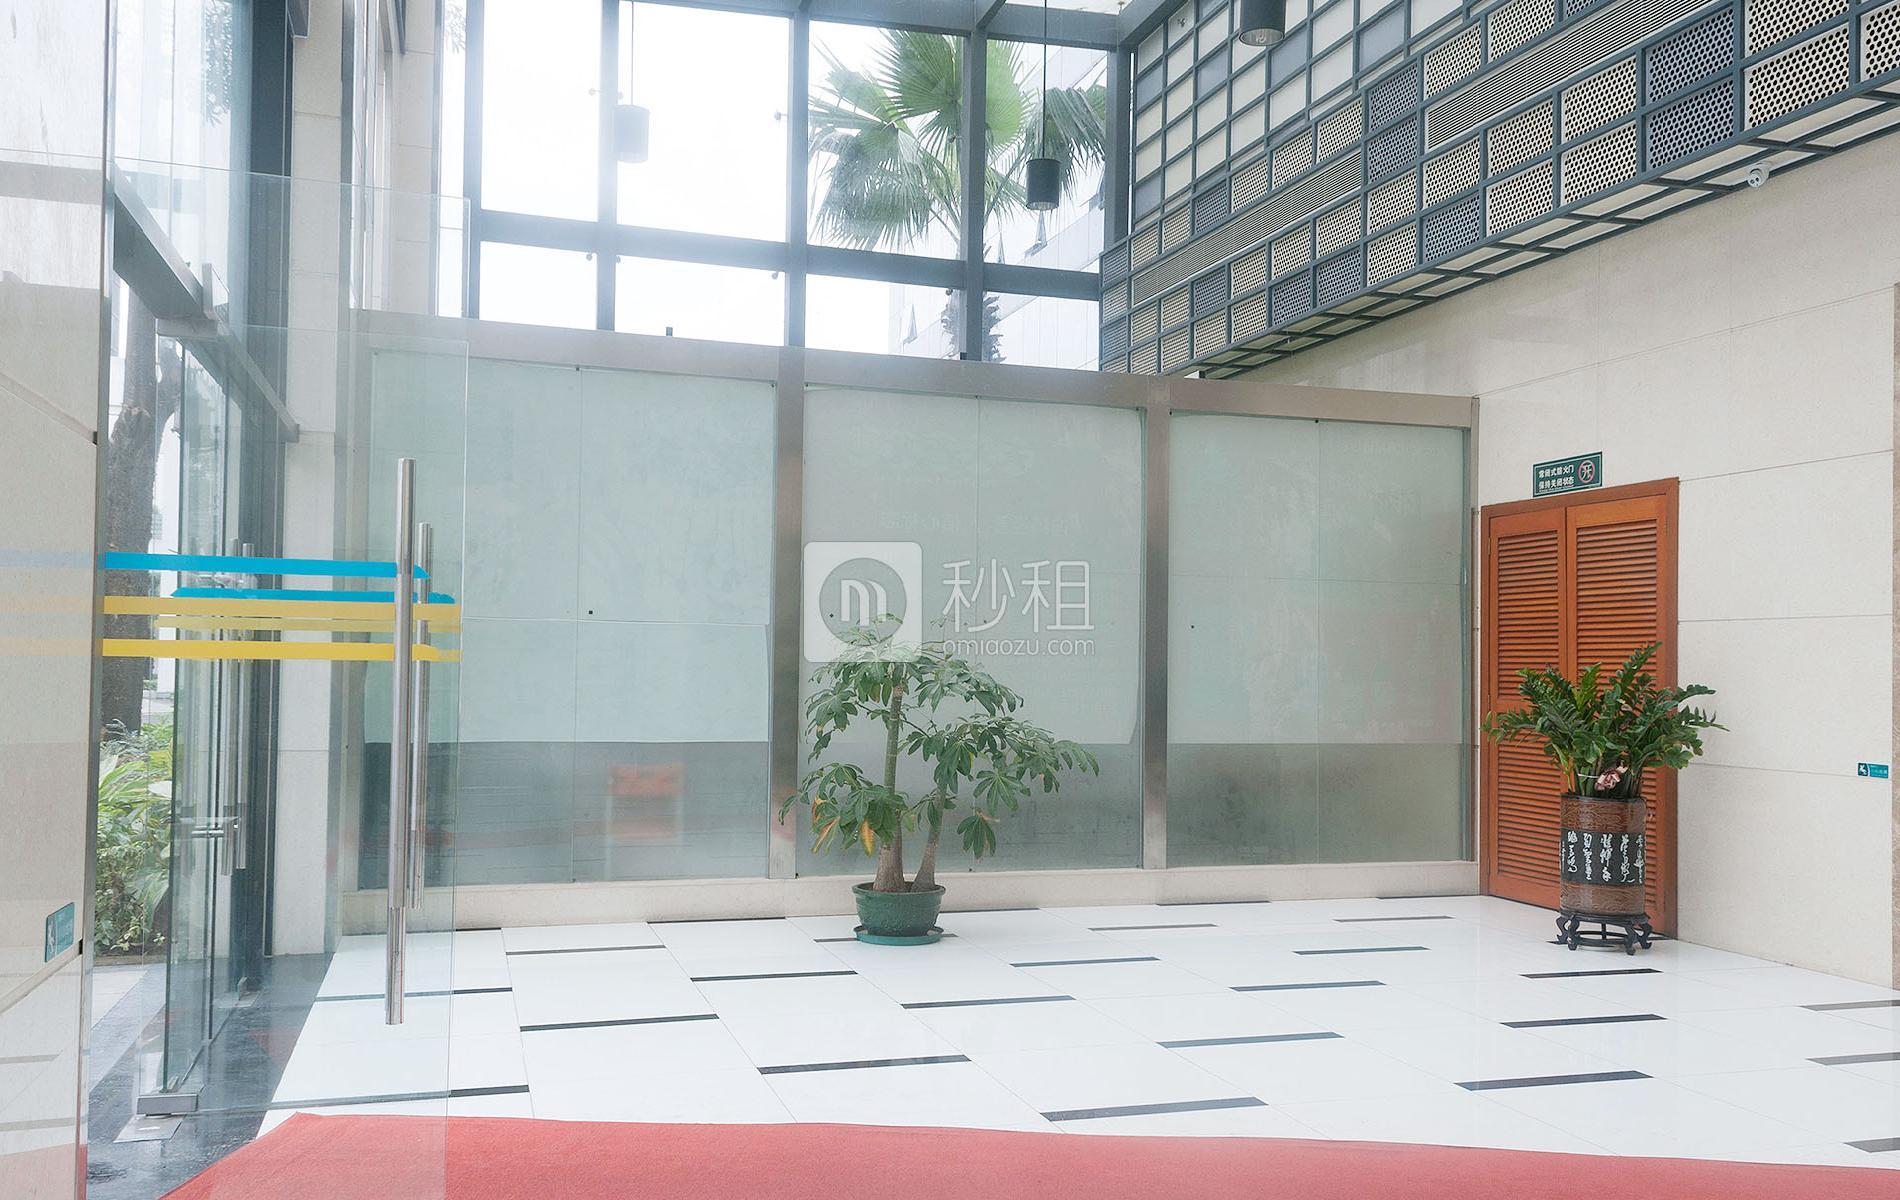 高北十六写字楼出租/招租/租赁,高北十六办公室出租/招租/租赁